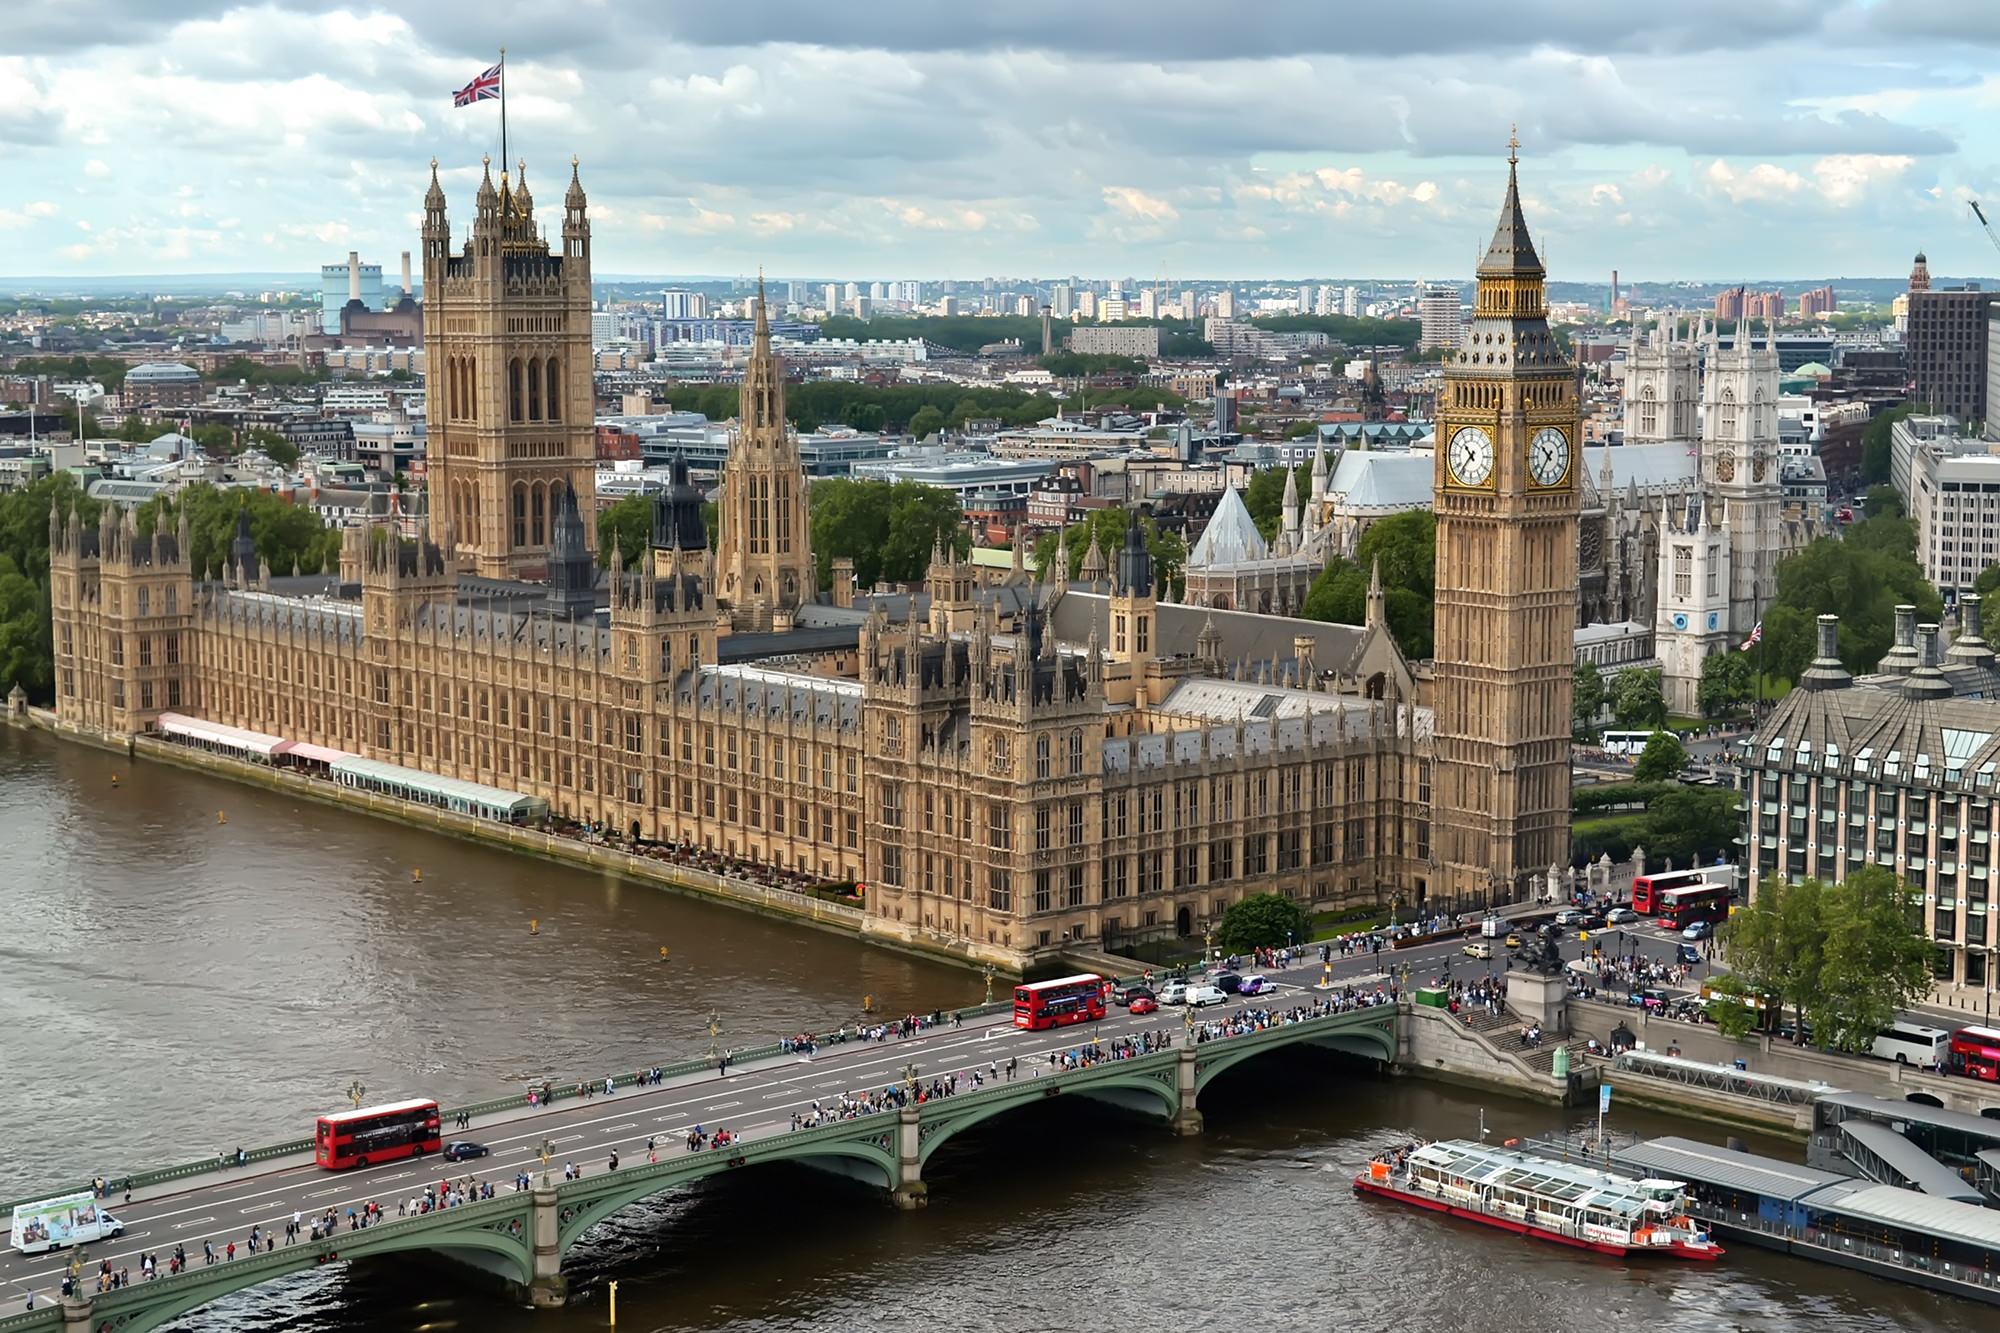 تعرف على أشهر ١٥ مقصدا سياحيا في لندن صيفا